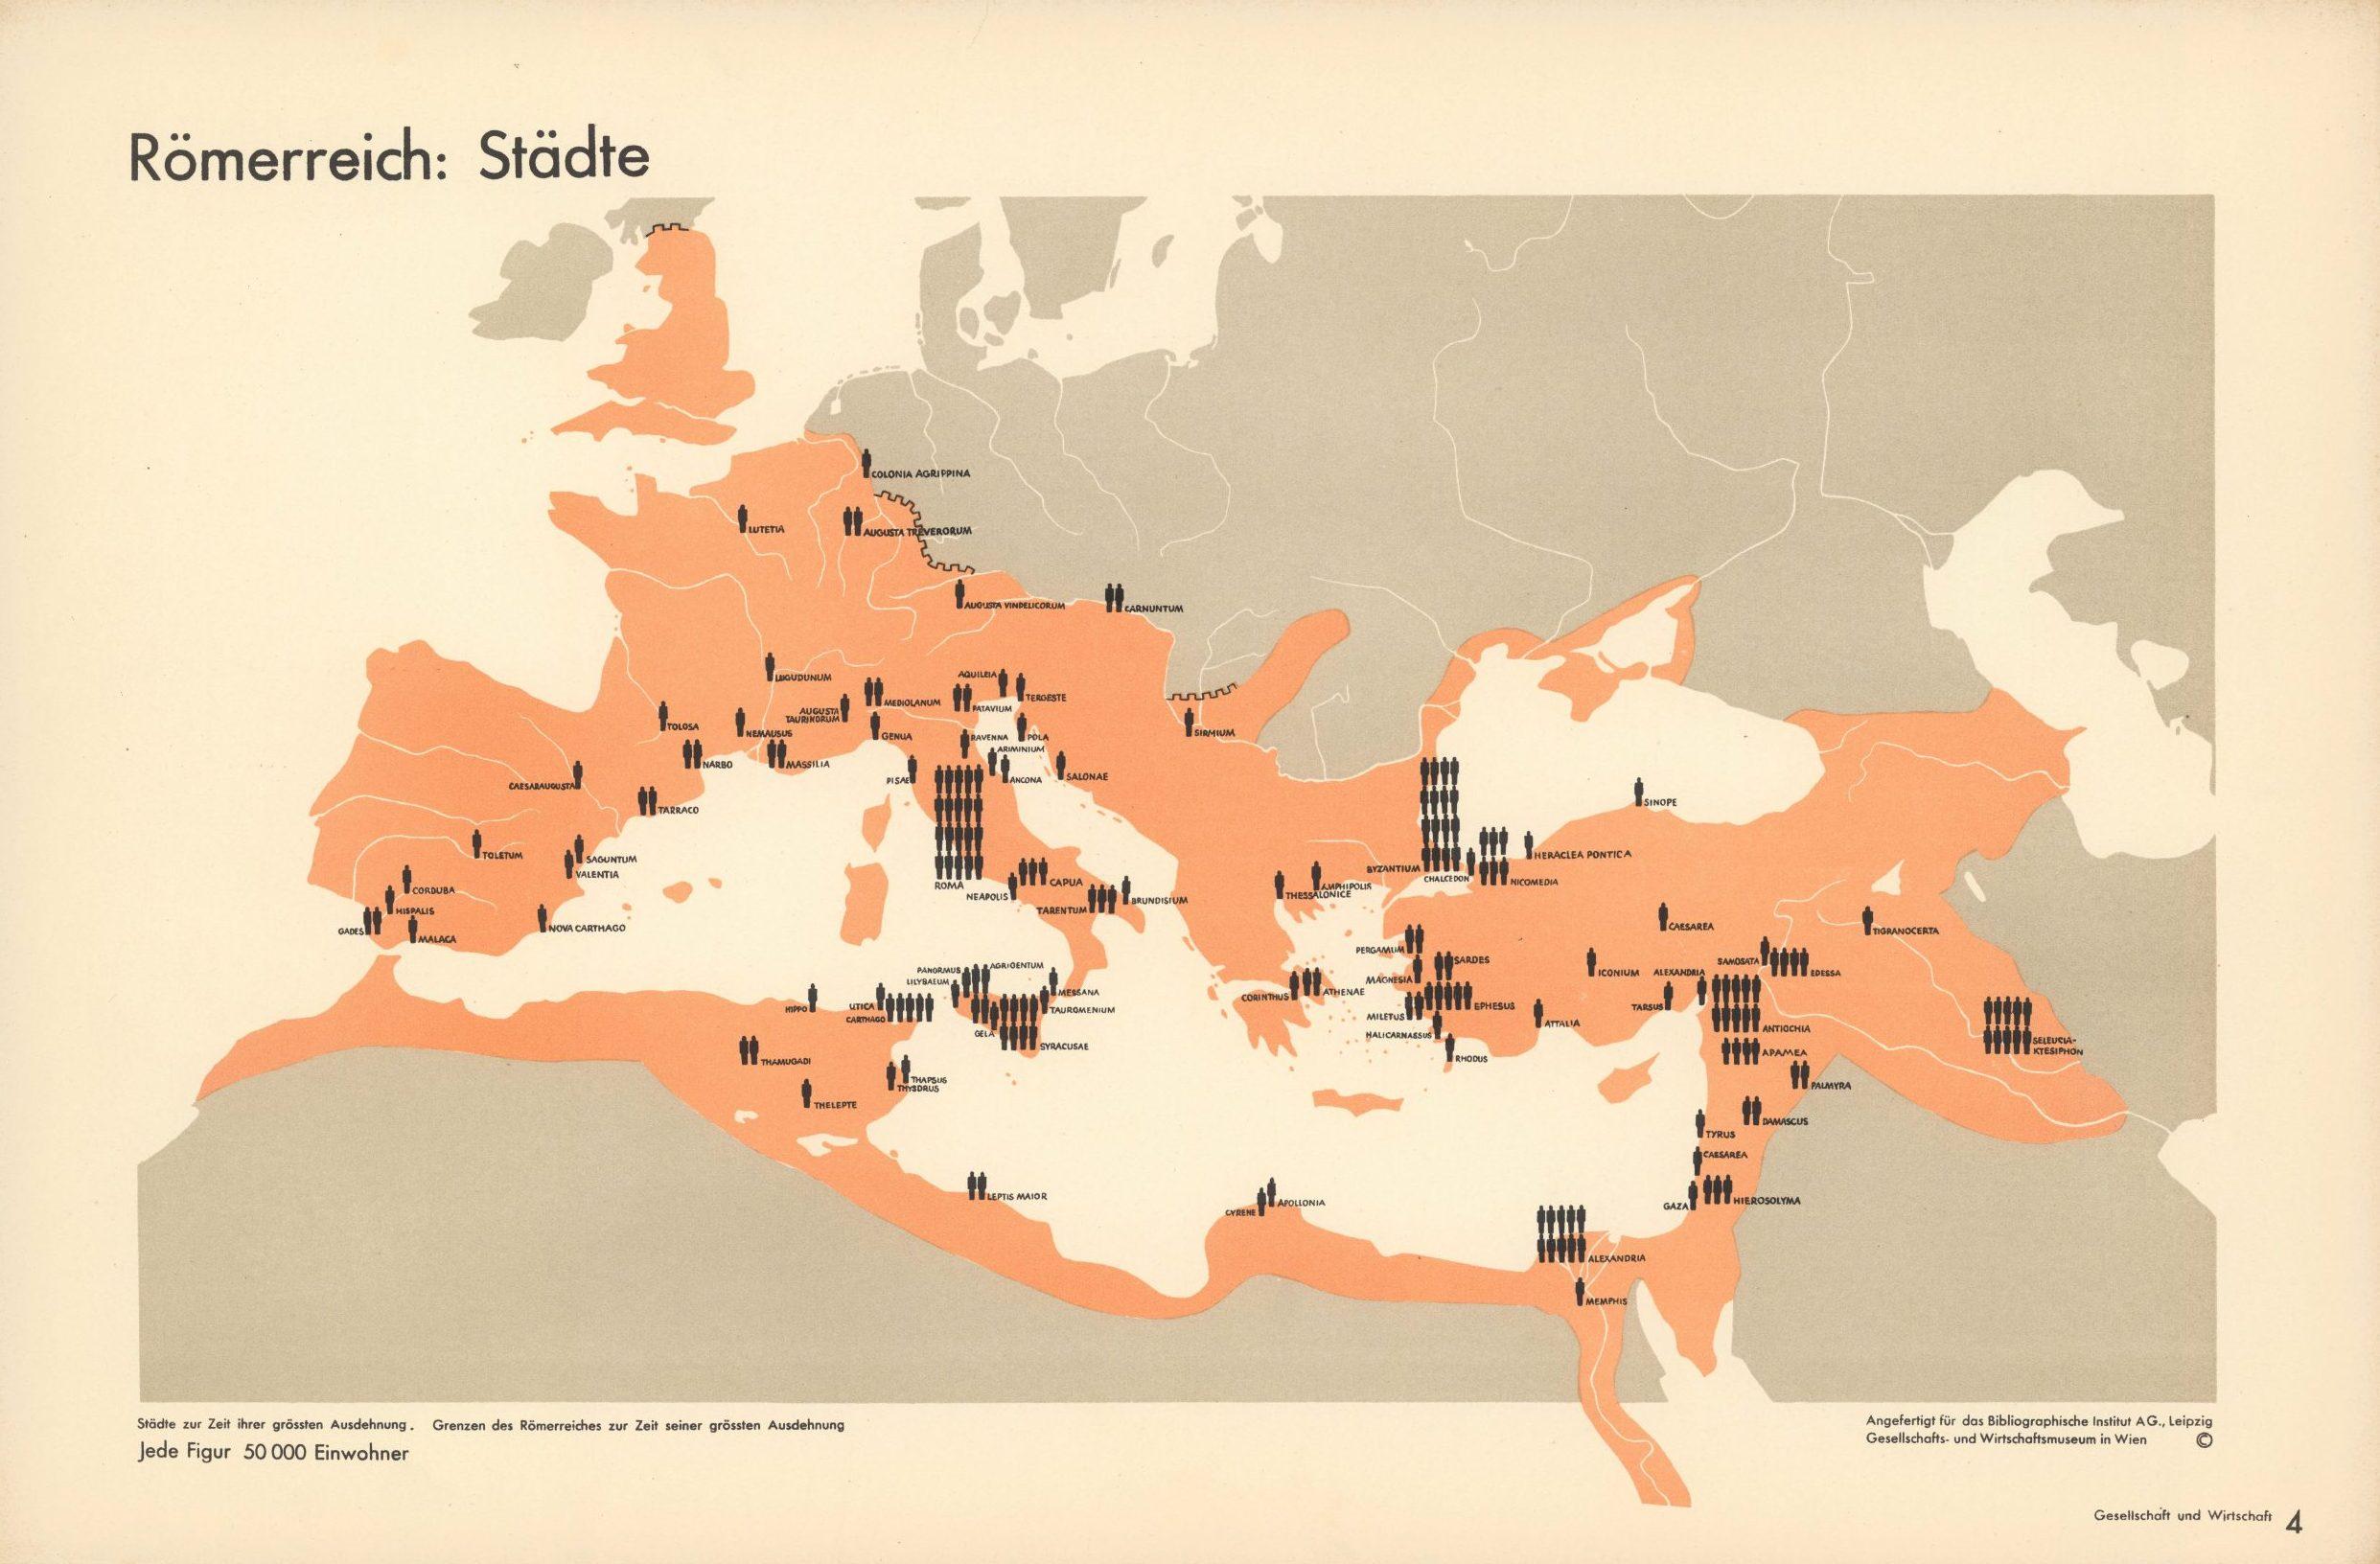 Römerreich: Städte. (Roman Empire: cities) Isotype Otto Neurath